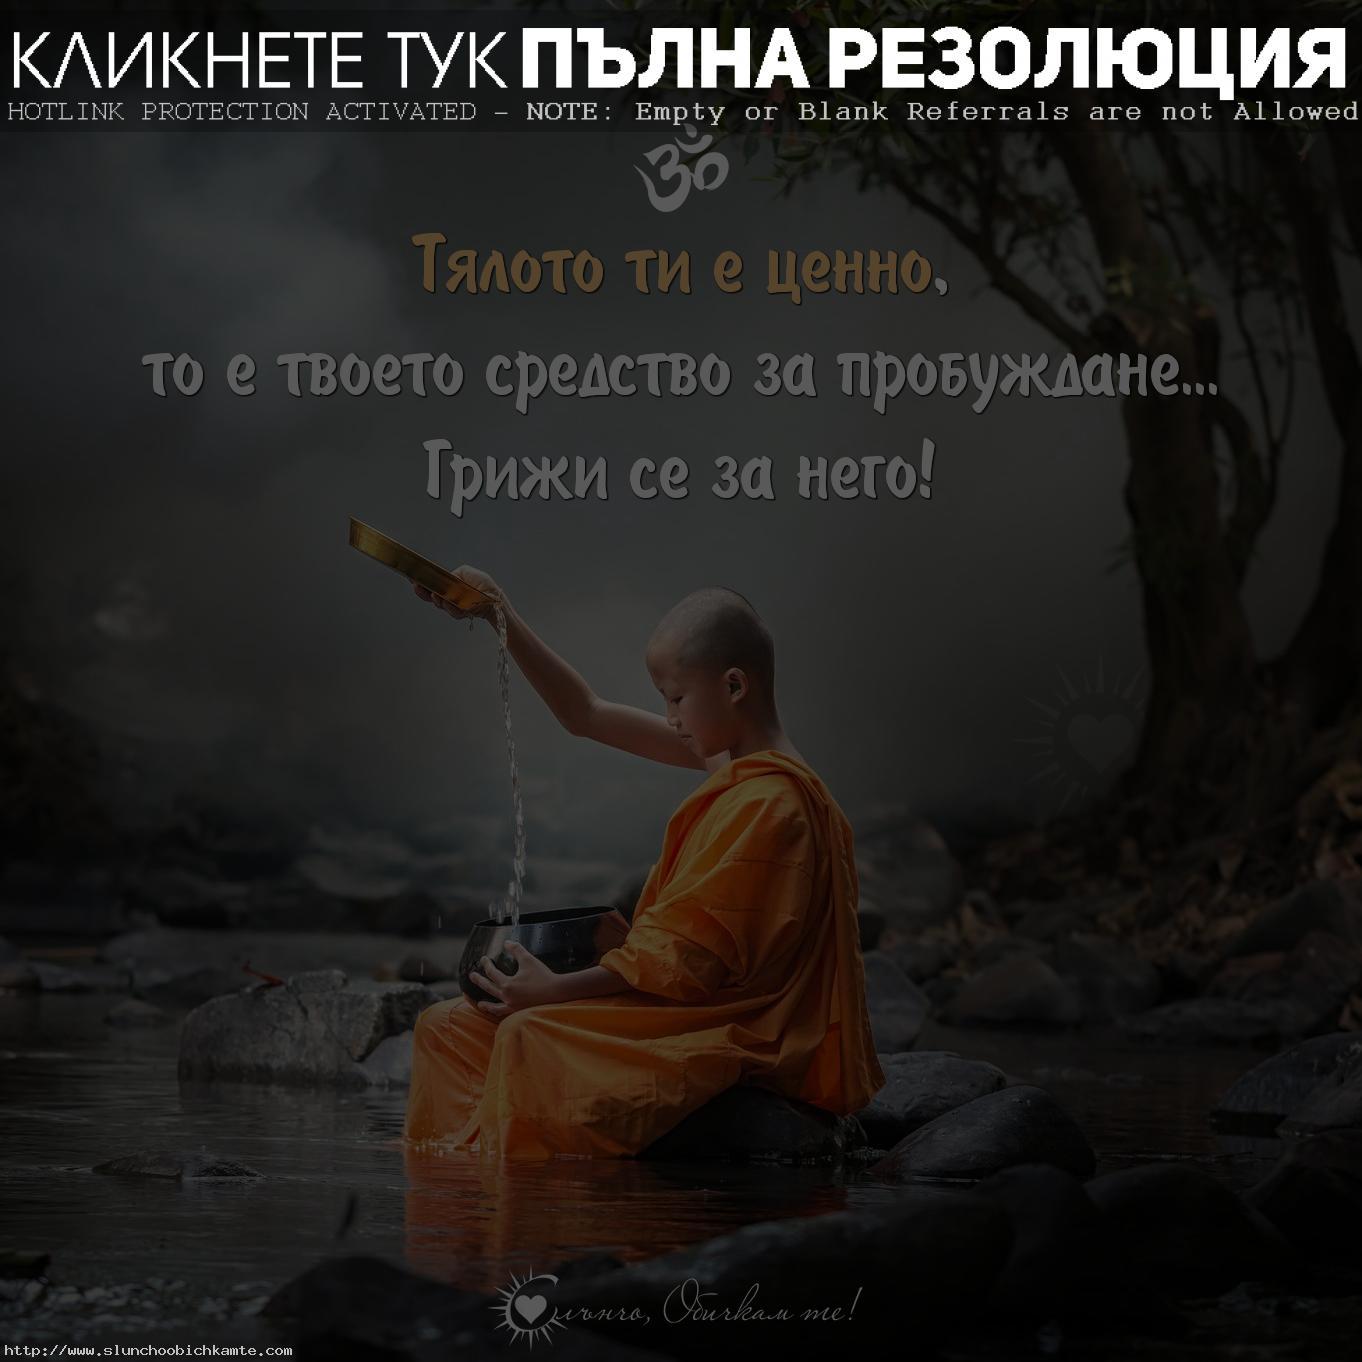 Тялото ти е ценно, то е твоето средство за пробуждане. Грижи се за него! - Намасте, цитати на Буда, мъдри мисли, позитивни статуси, медитация, йога, Namaste, Buddha